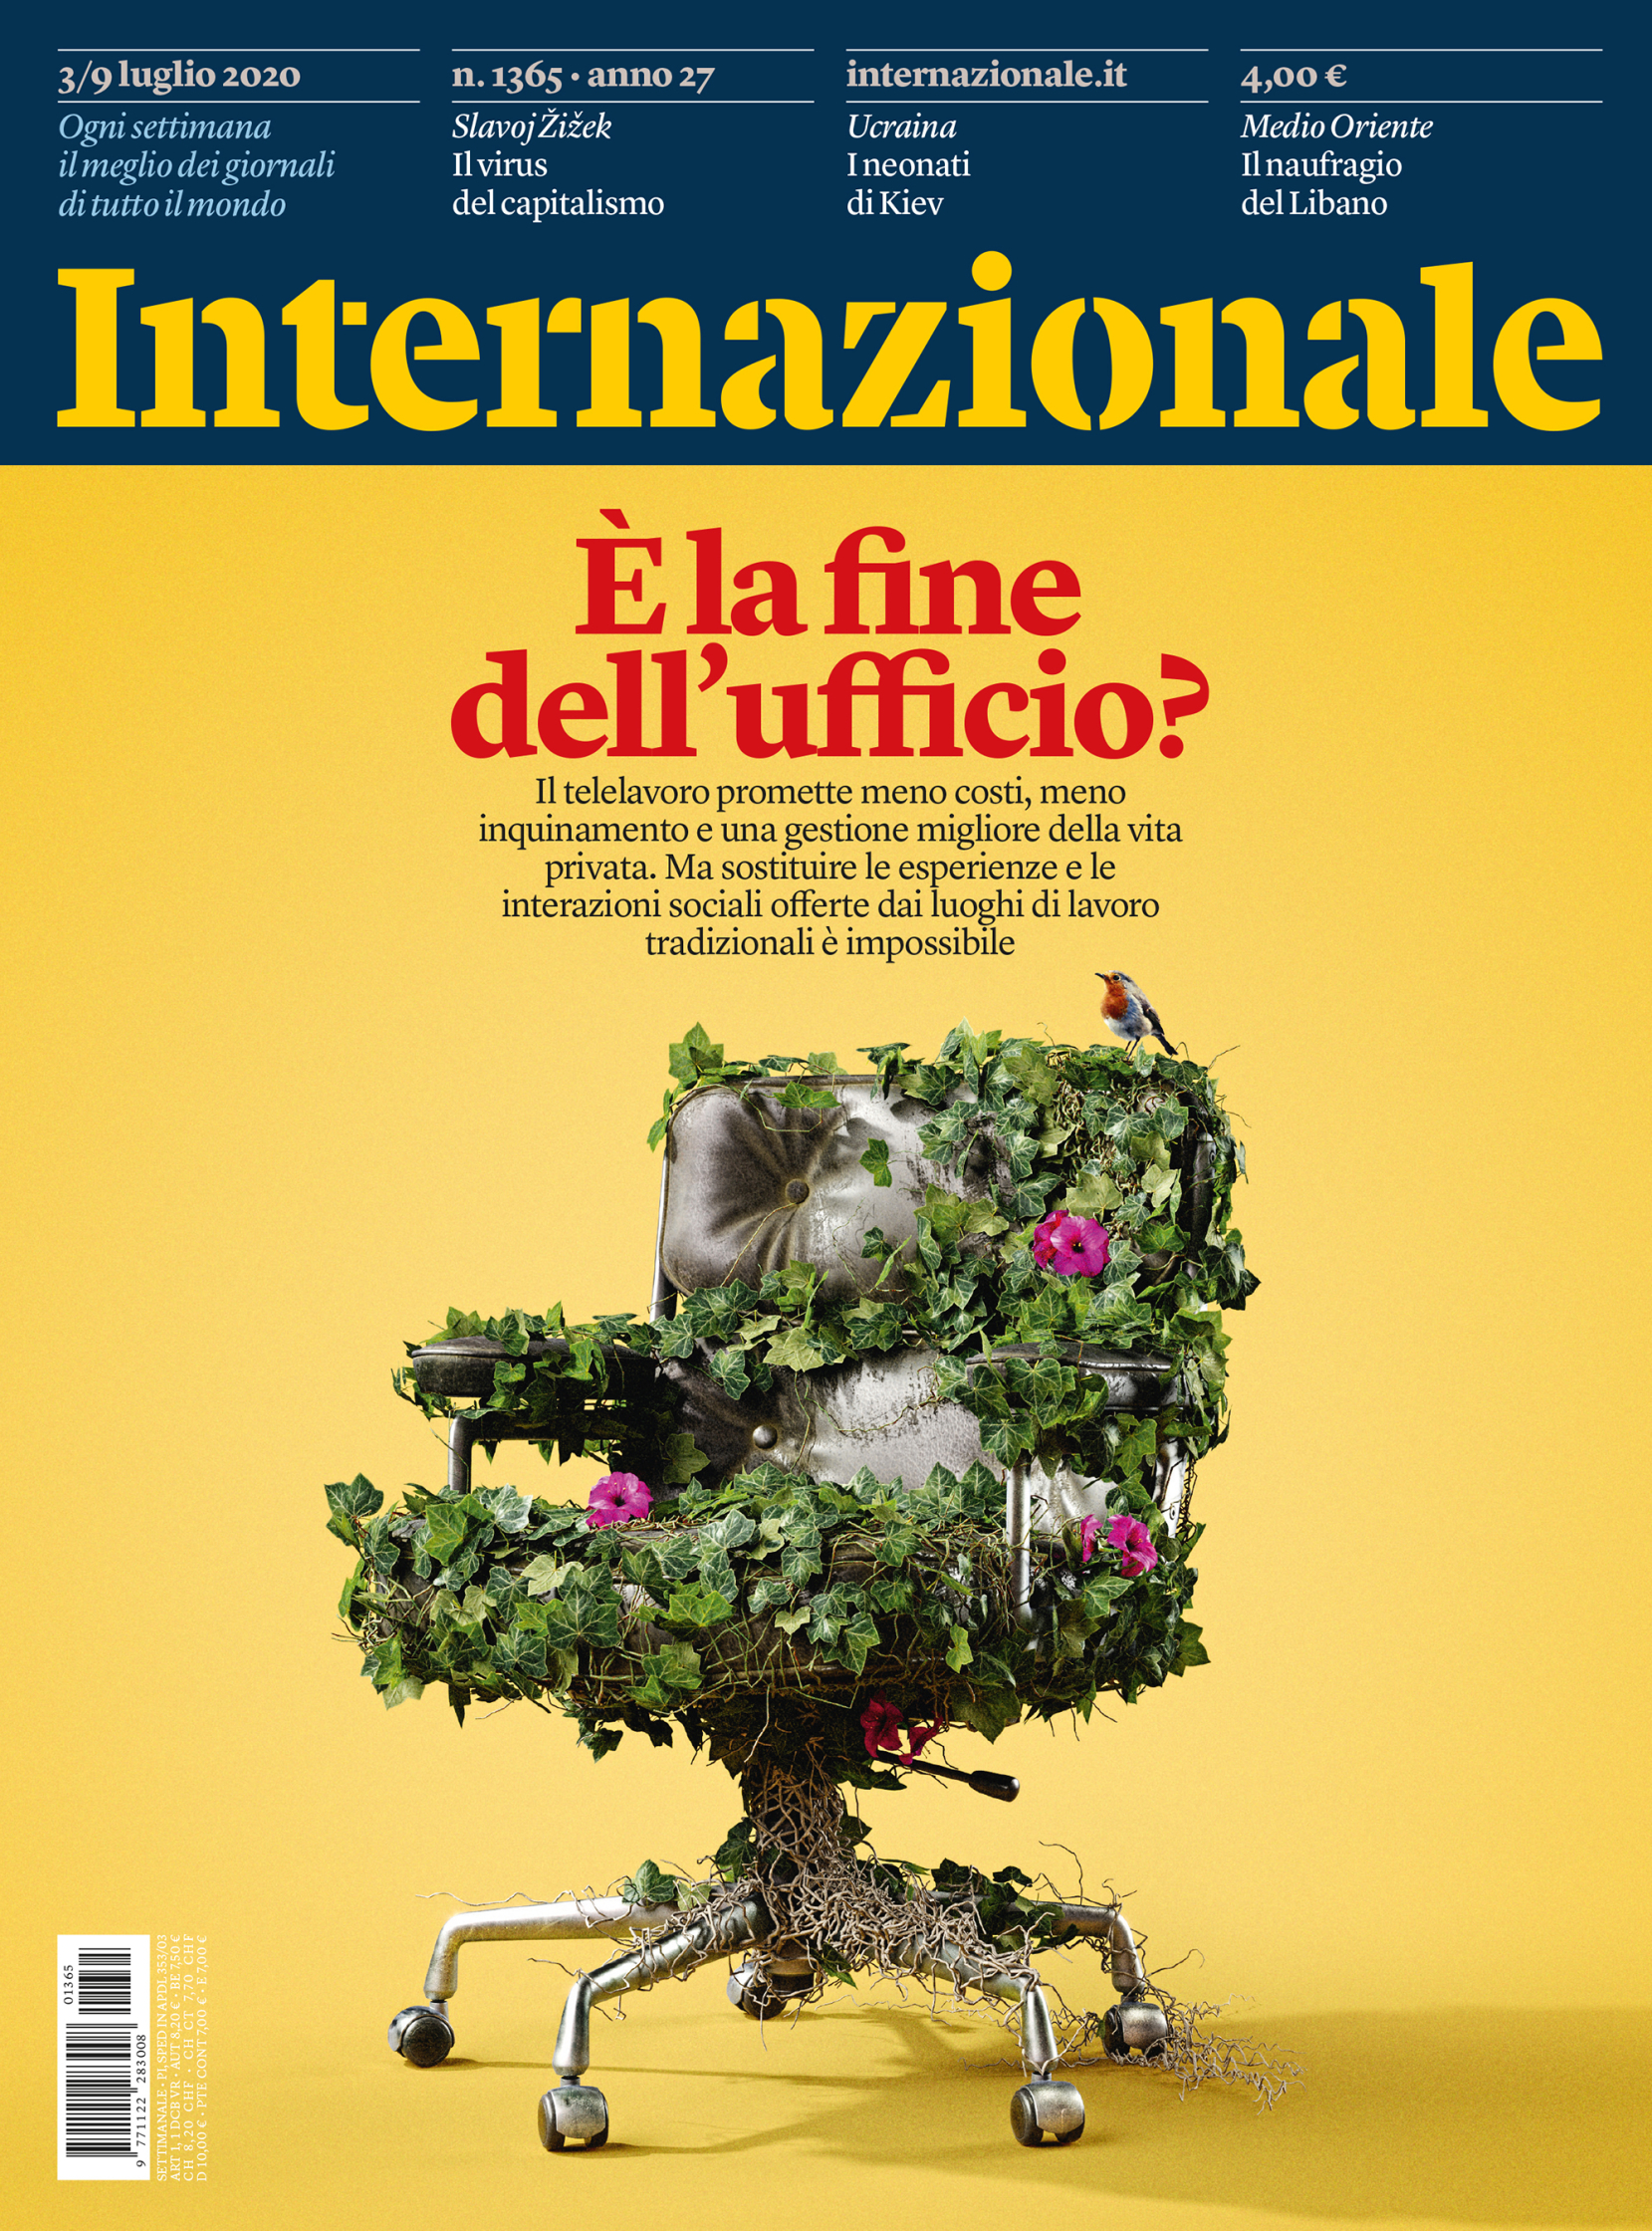 Internazionale_End_of_trhe_Office.jpg